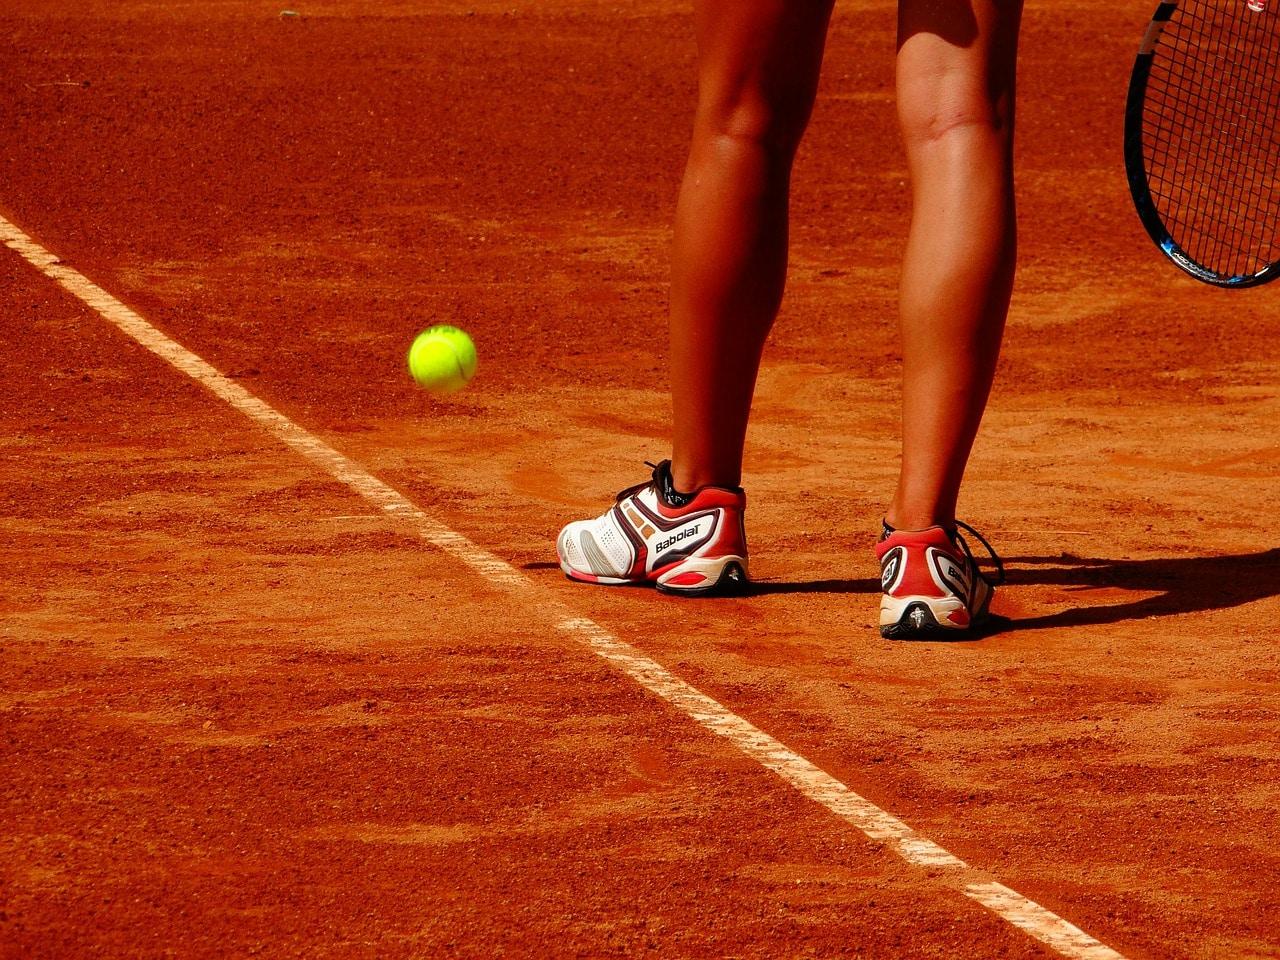 Comment choisir sa raquette de tennis le comptoir web - Choisir raquette tennis de table ...